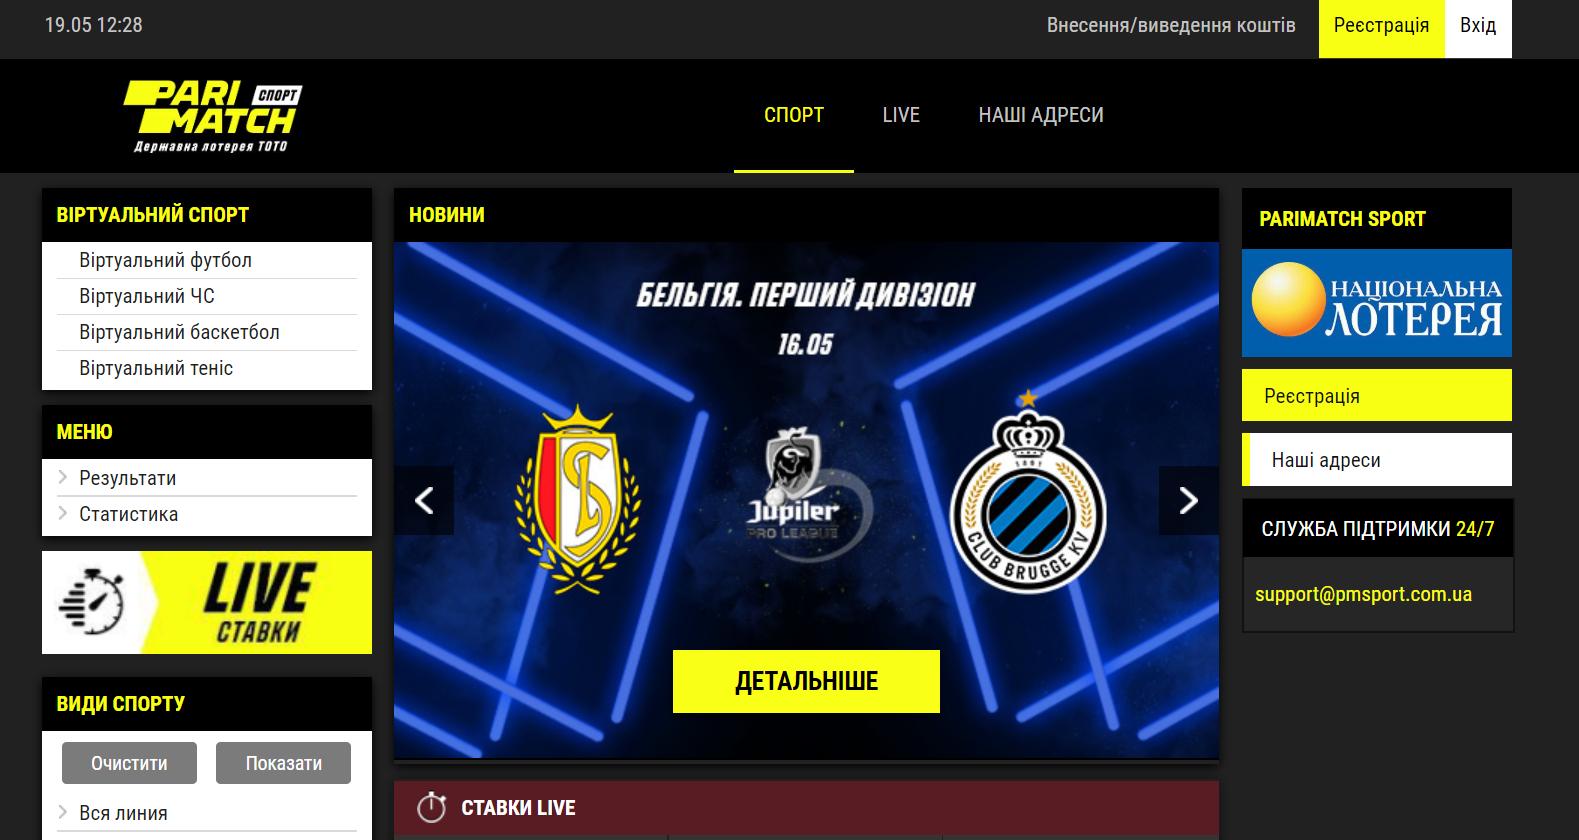 Список значимых футбольных событий на сайте БК Париматч